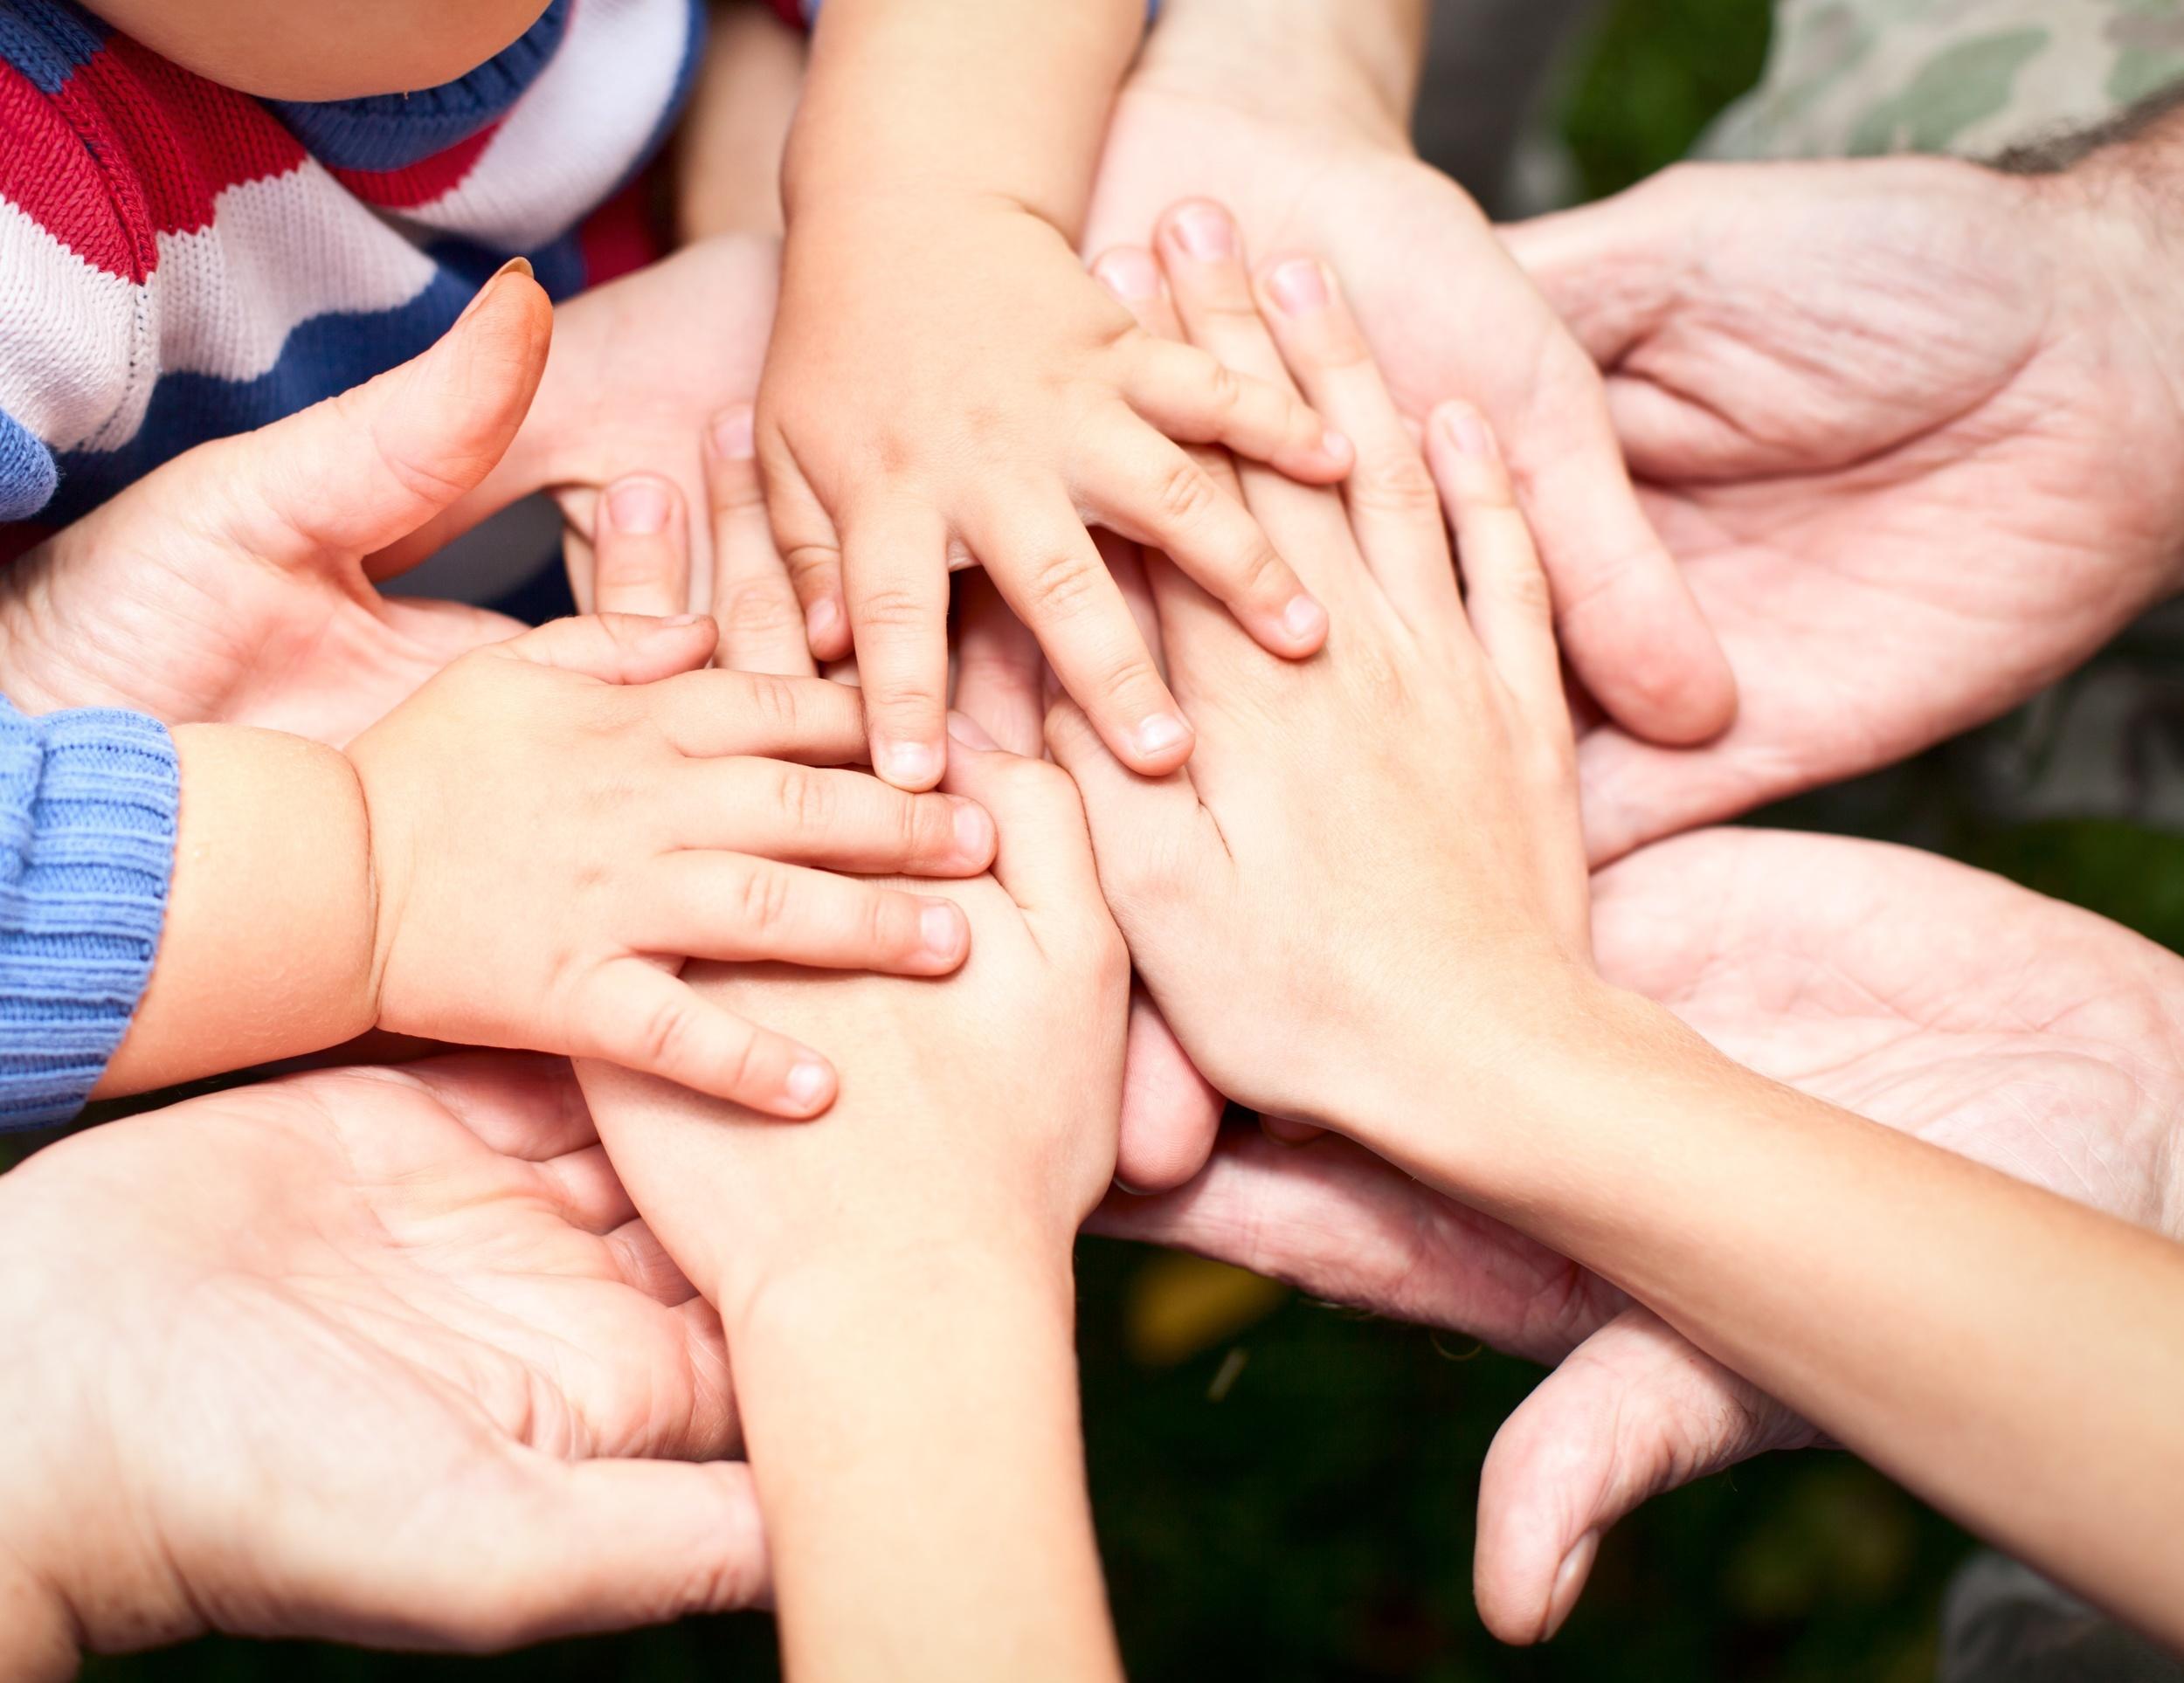 Preschooler Generational Capture | Images: Aviva Home Health